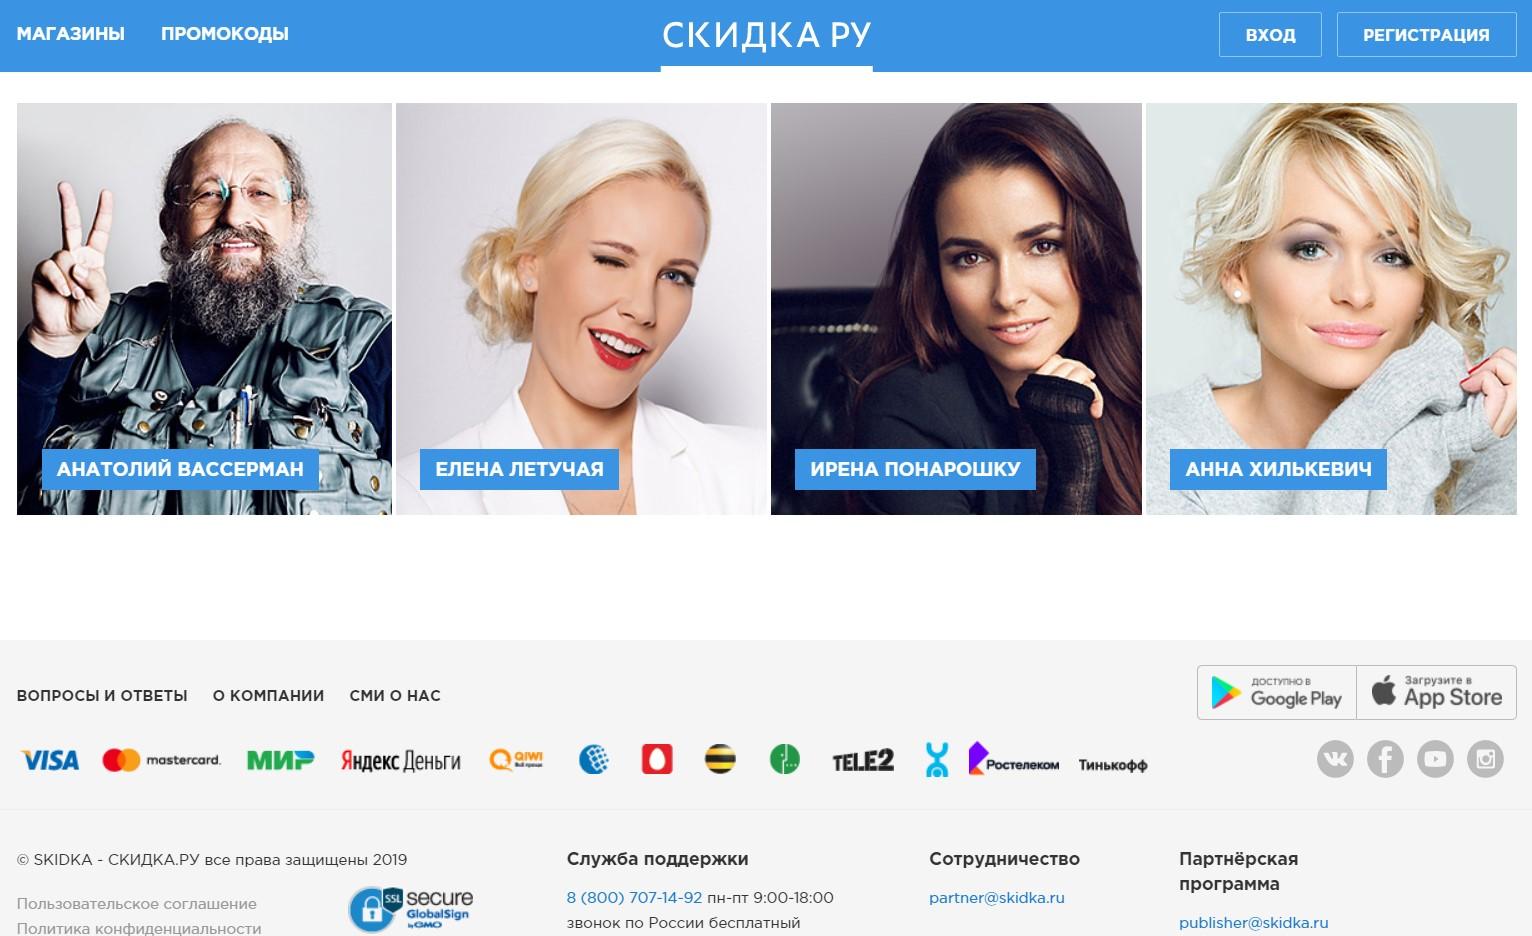 сайт скидка.ру